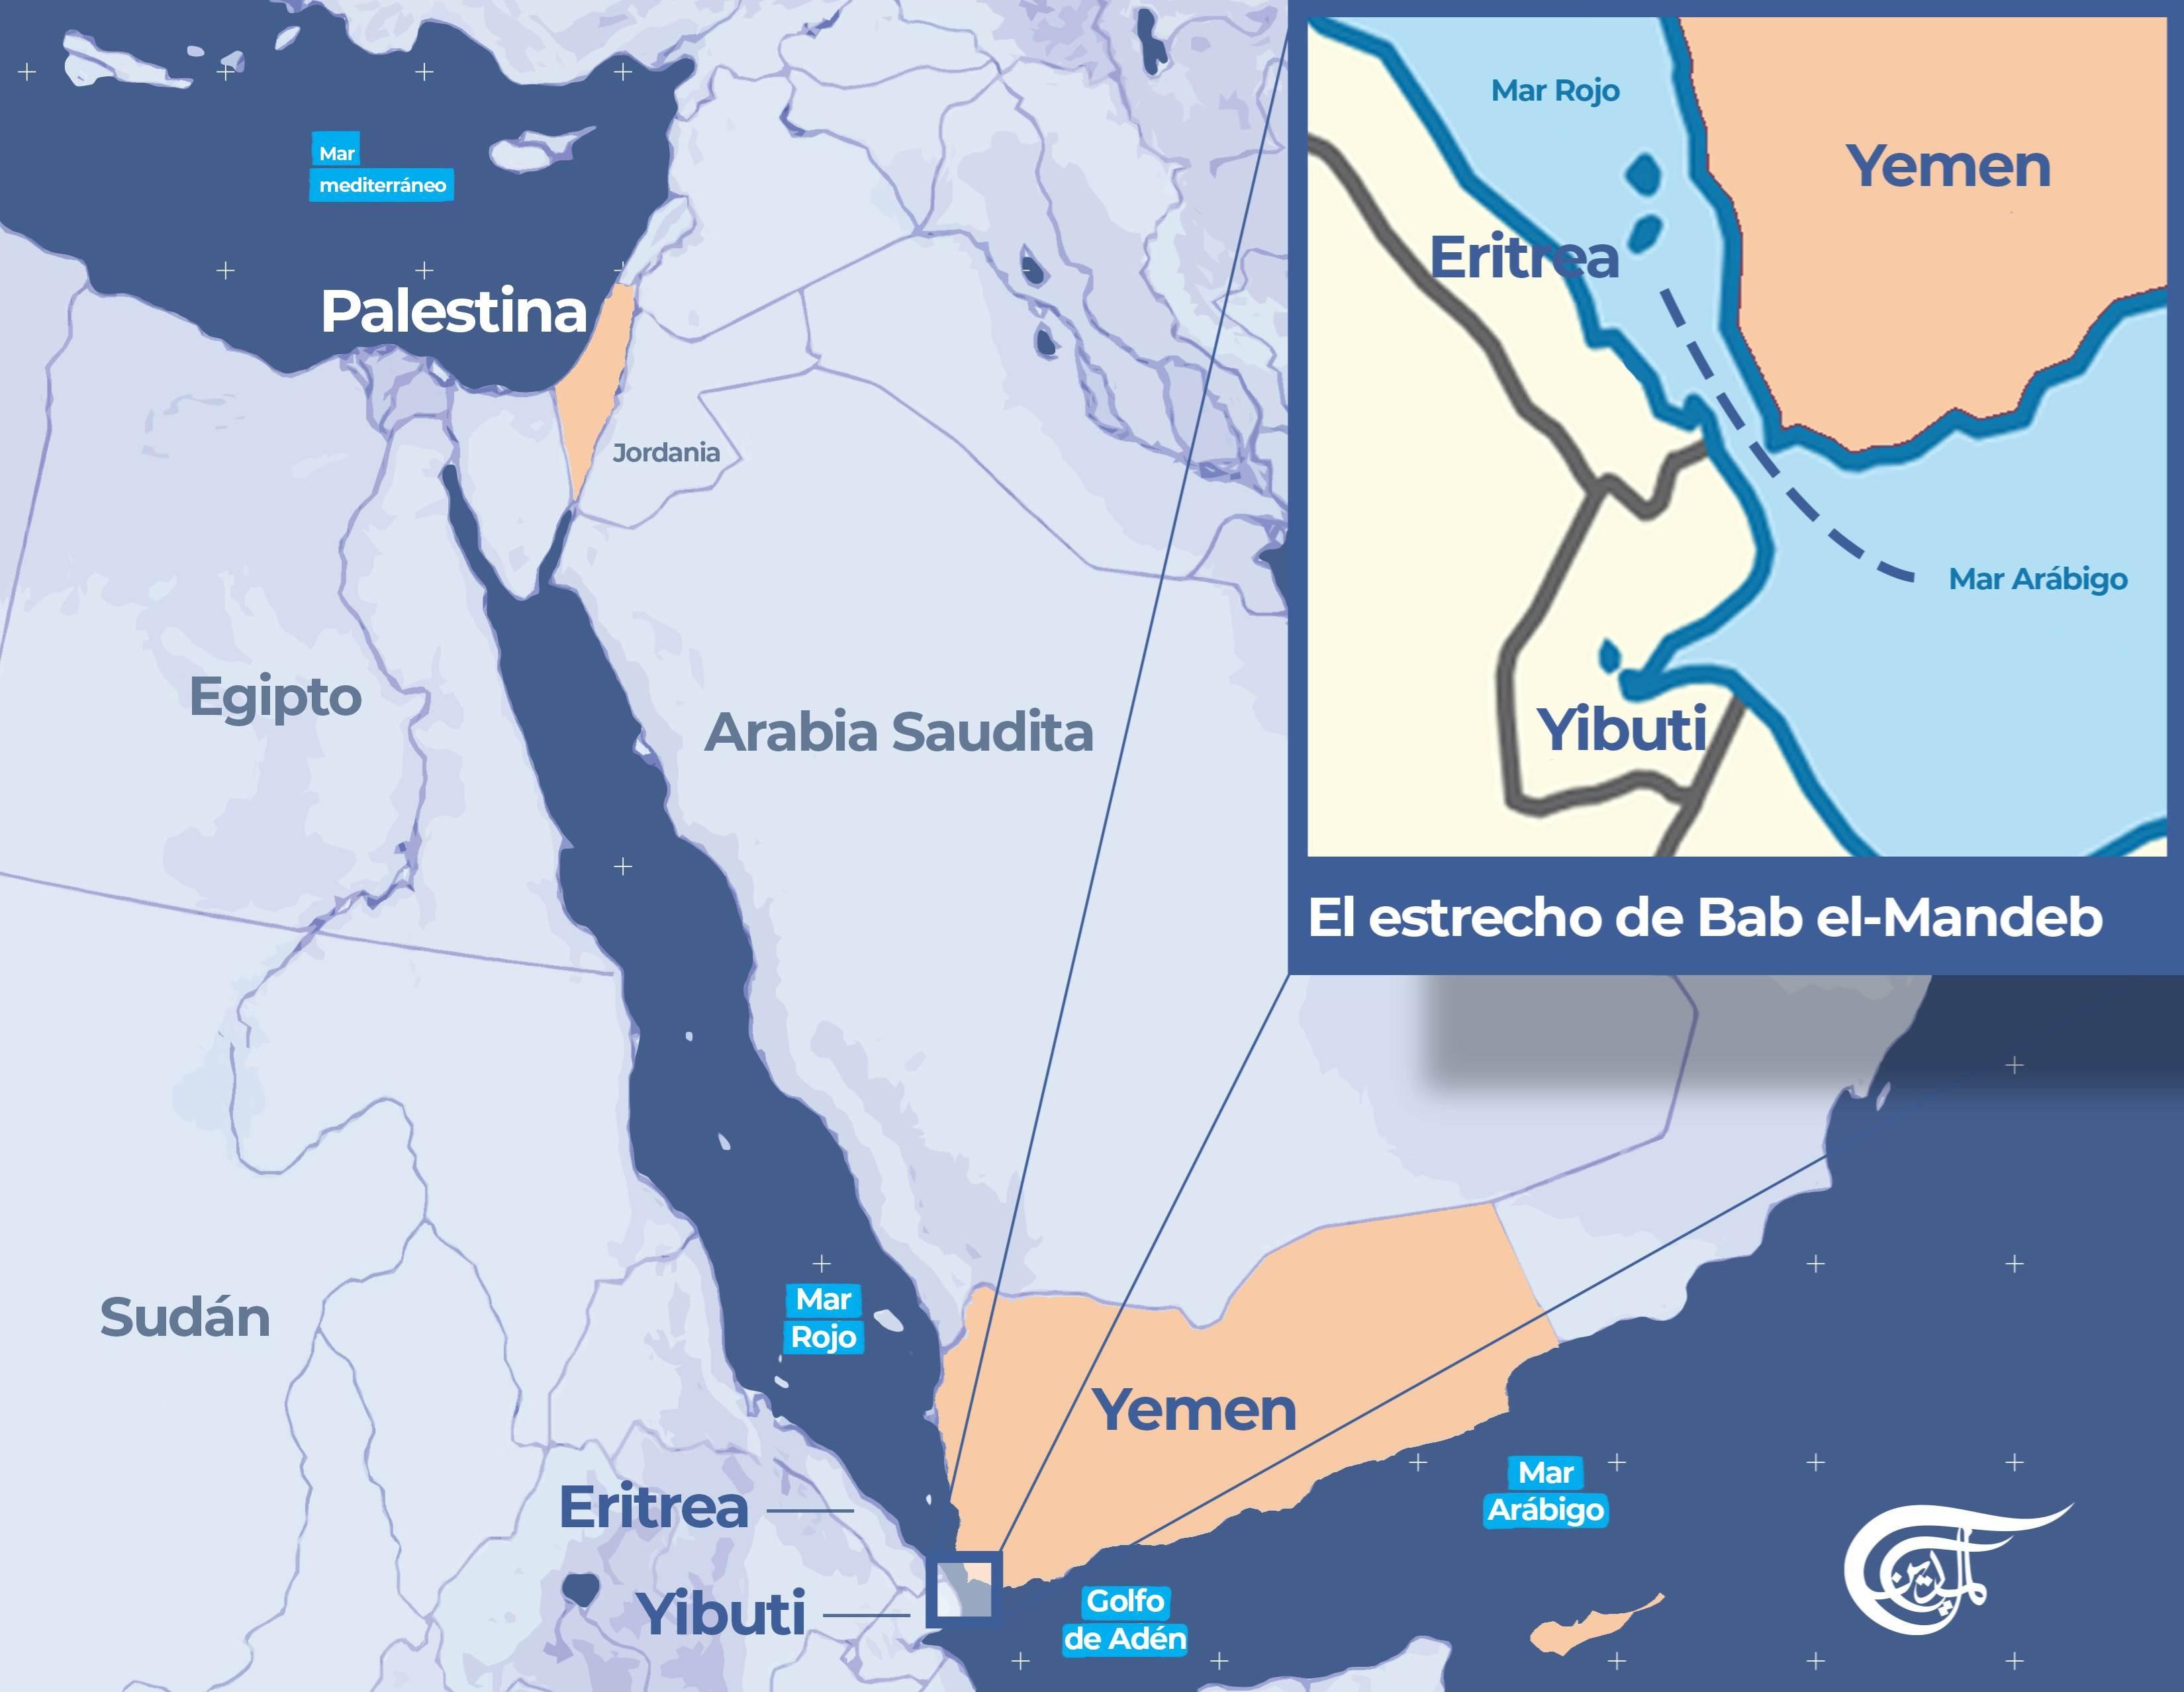 El estrecho de Bab el Mandeb es uno de los estrechos más importantes del mundo.